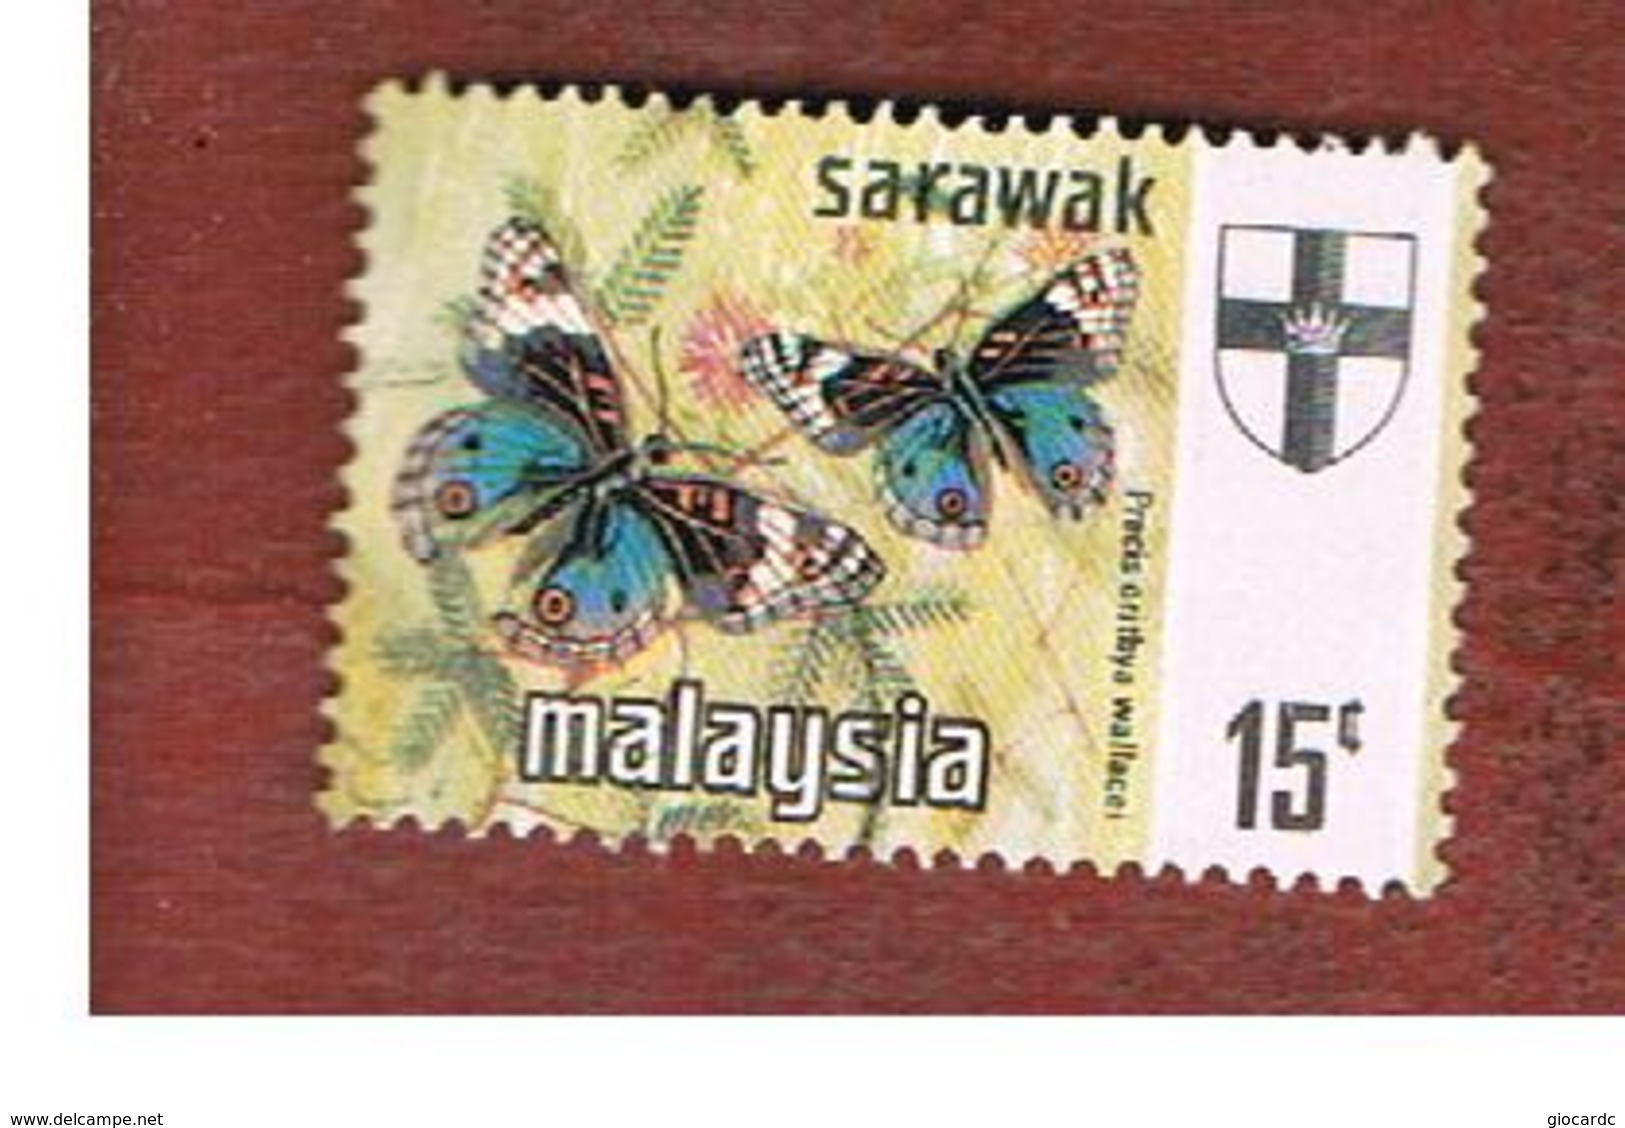 MALESIA: SARAWAK (MALAYSIA) -  SG 224   -  1971  BUTTERFLIES: PRECIS ORITHYA   - USED ° - Malaysia (1964-...)